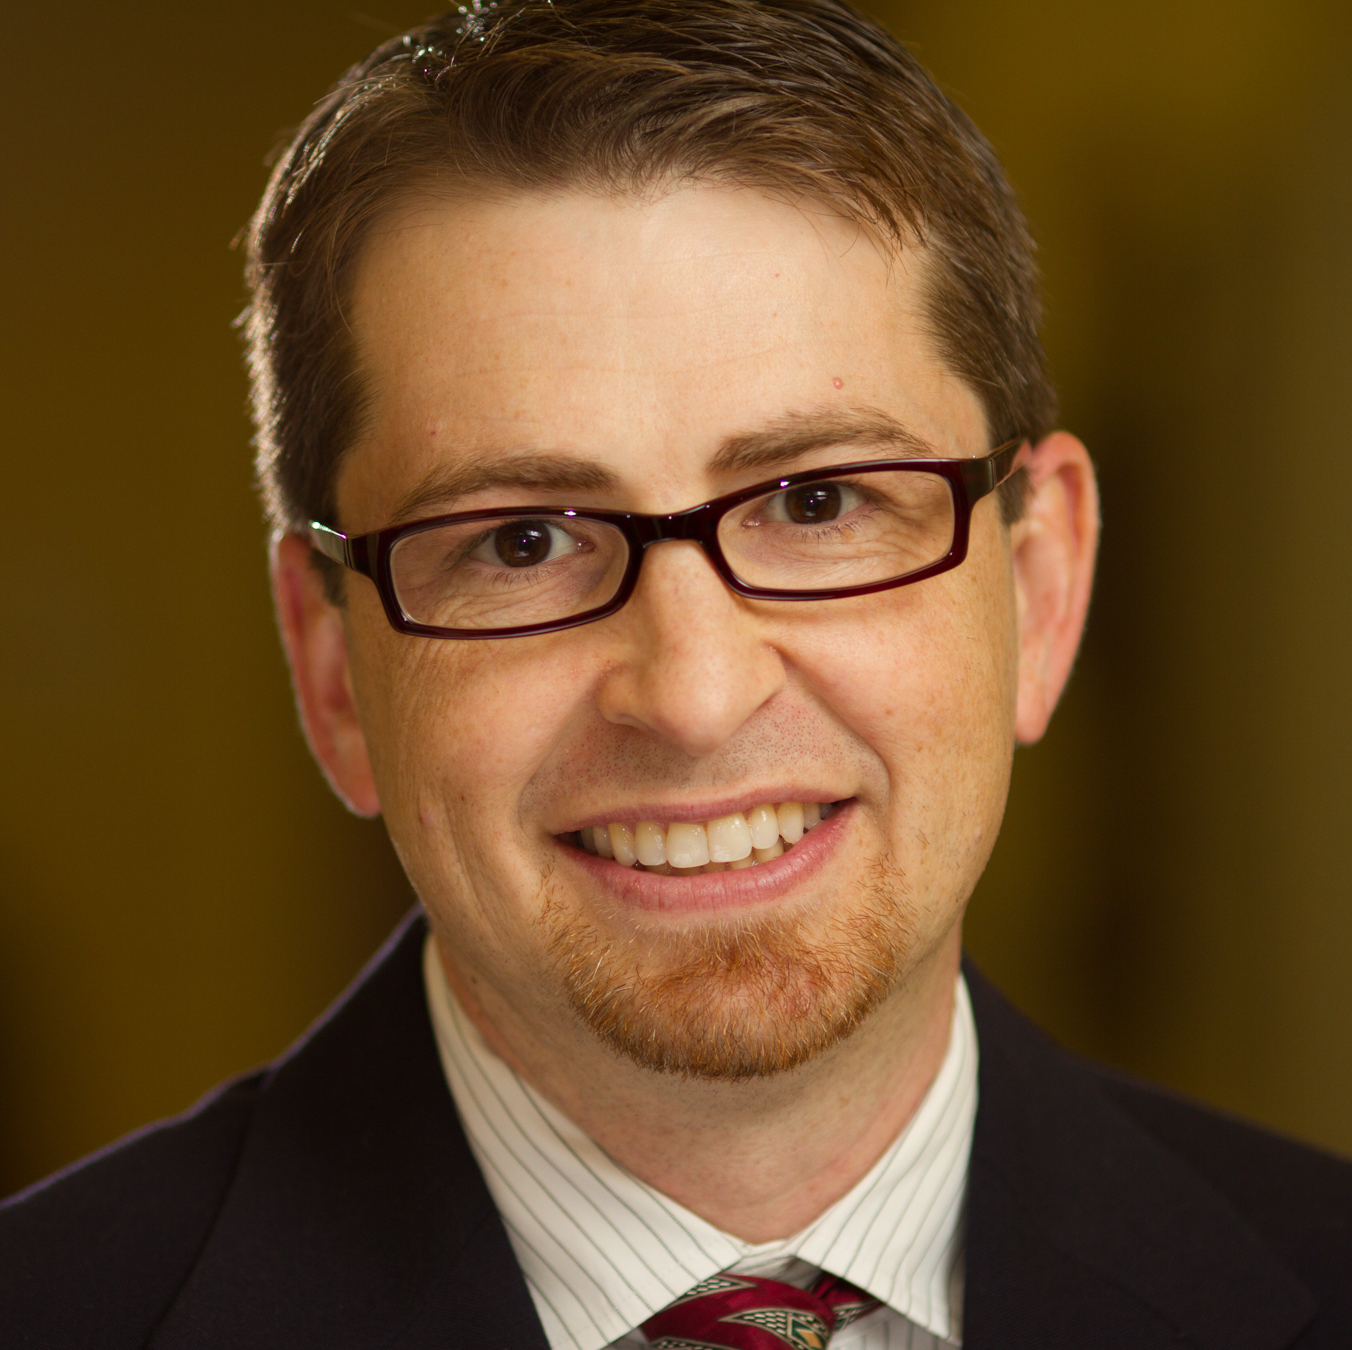 Douglas DiRuggiero, PA-C